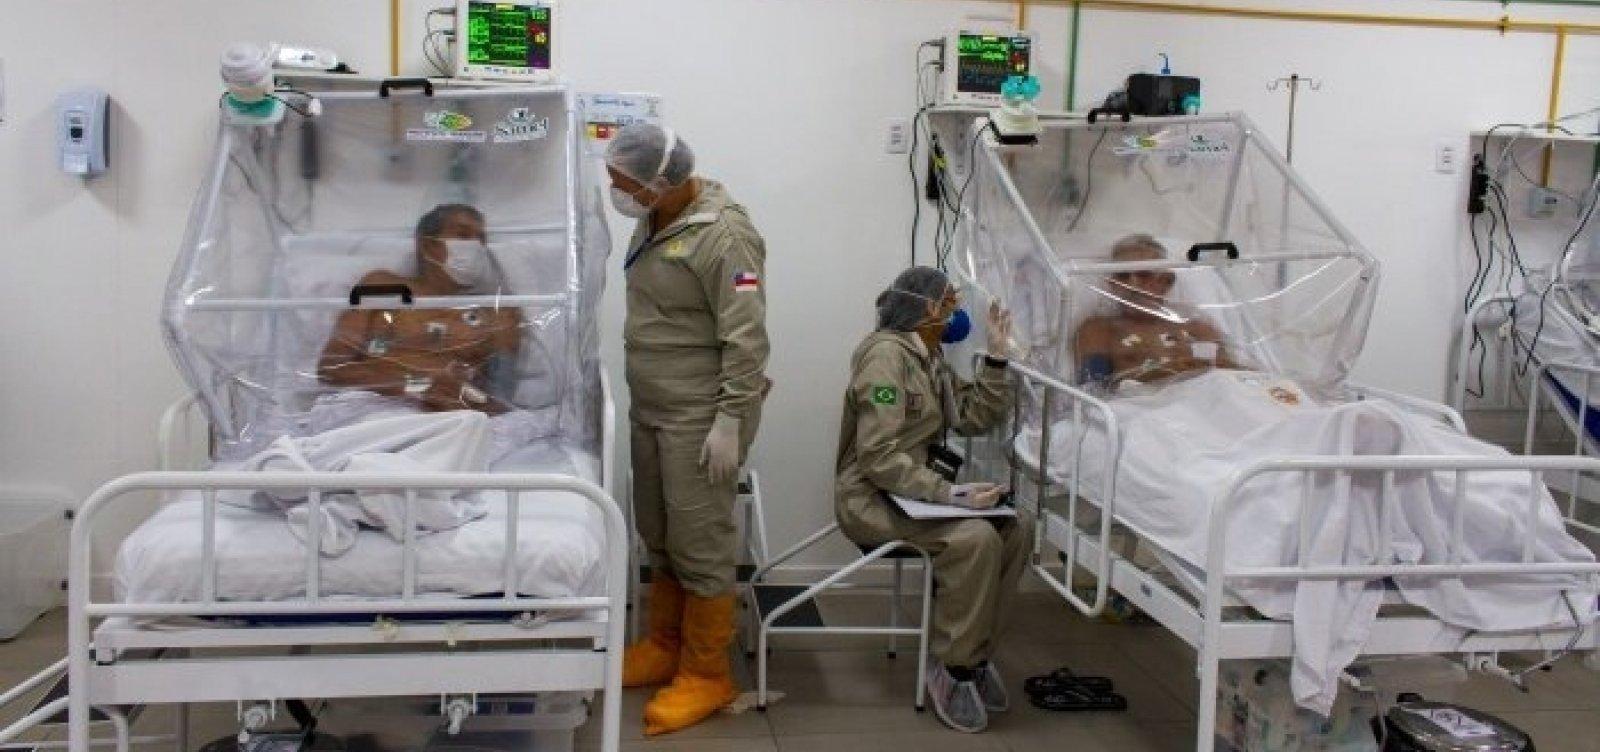 São Paulo manda mais de 18 toneladas de oxigênio para Manaus